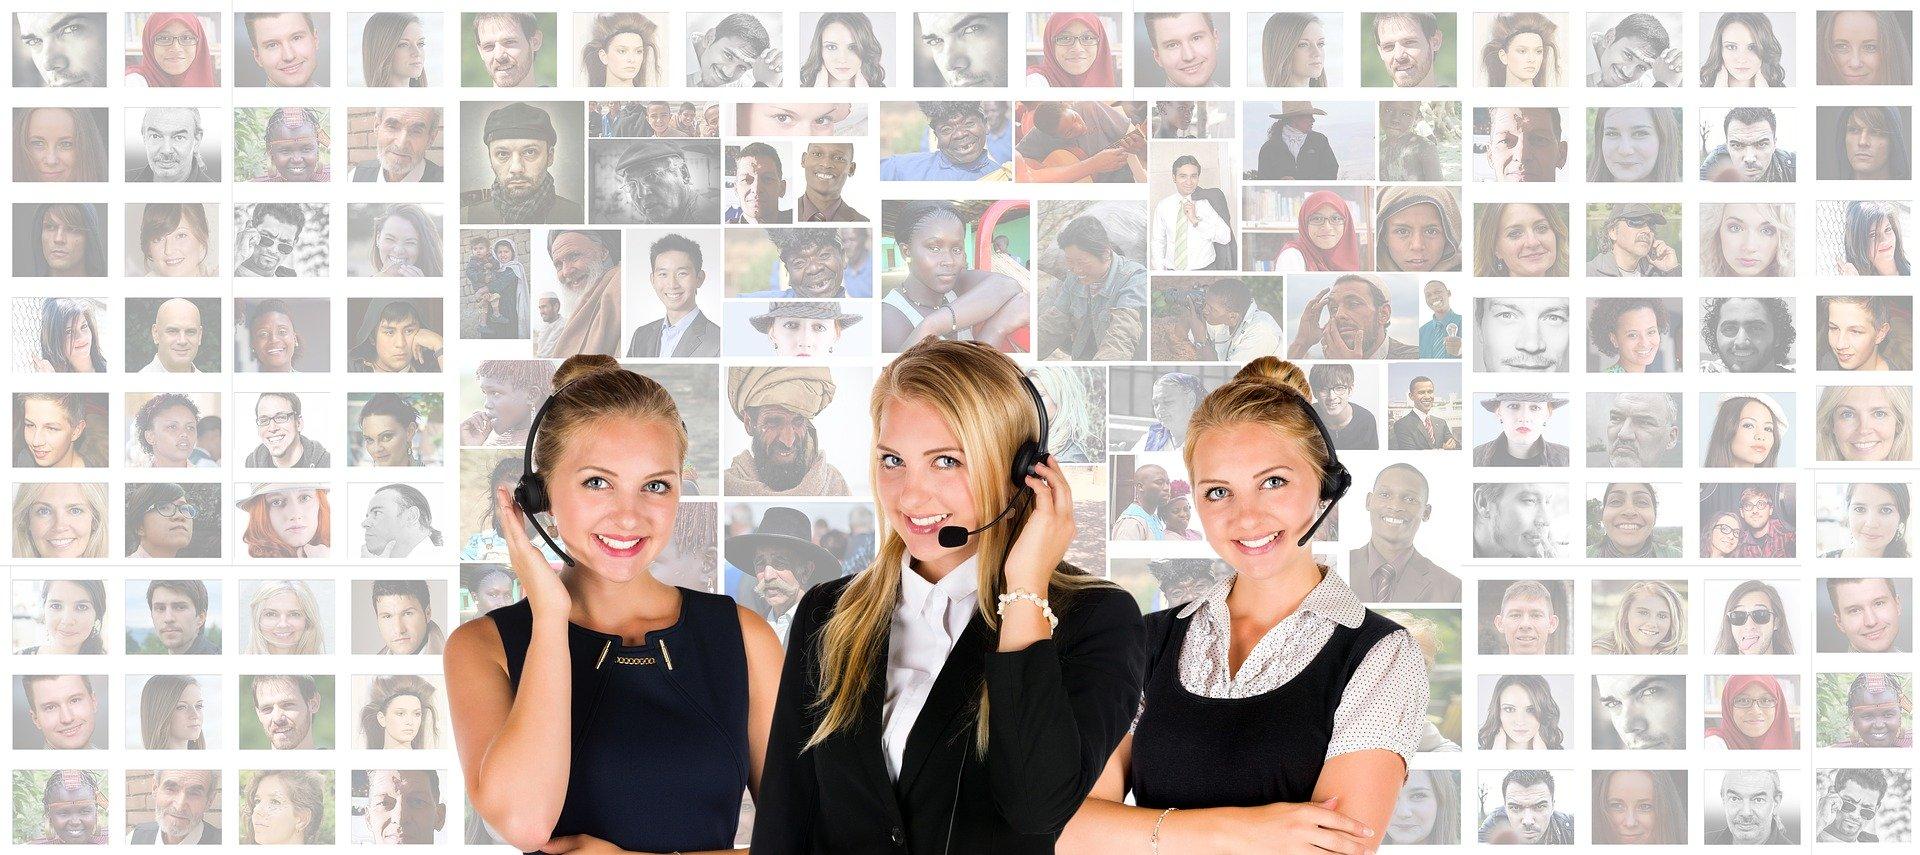 פתרון טכנולוגי איכותי לשיחות ועידה: מדוע כל עסק זקוק לו?